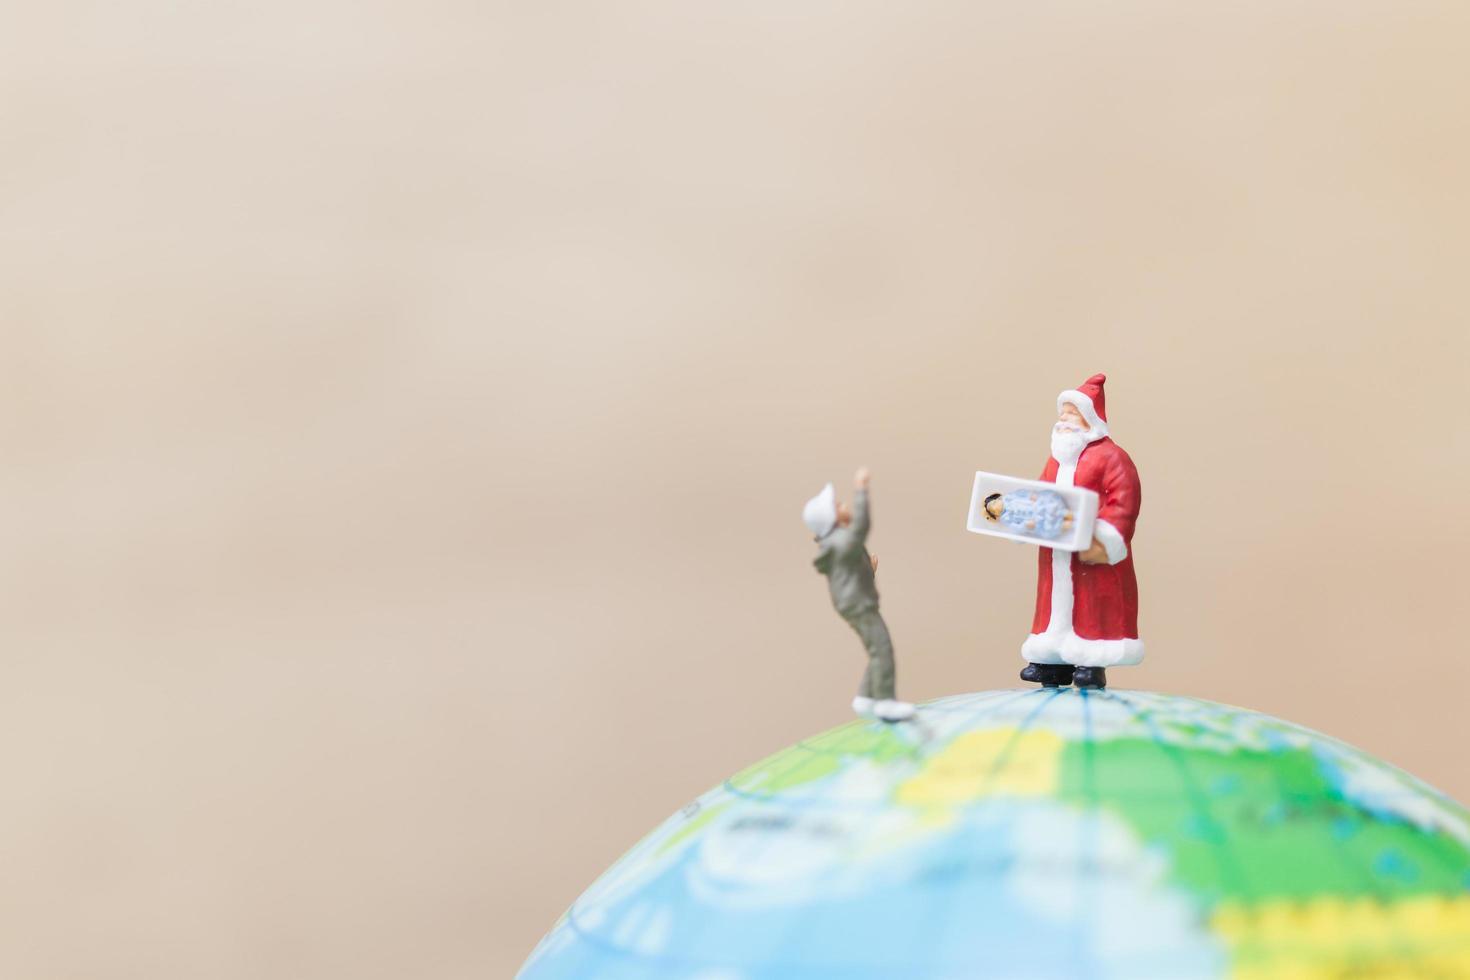 miniatyr jultomten håller gåvor för barn på en jordglob, god jul koncept foto